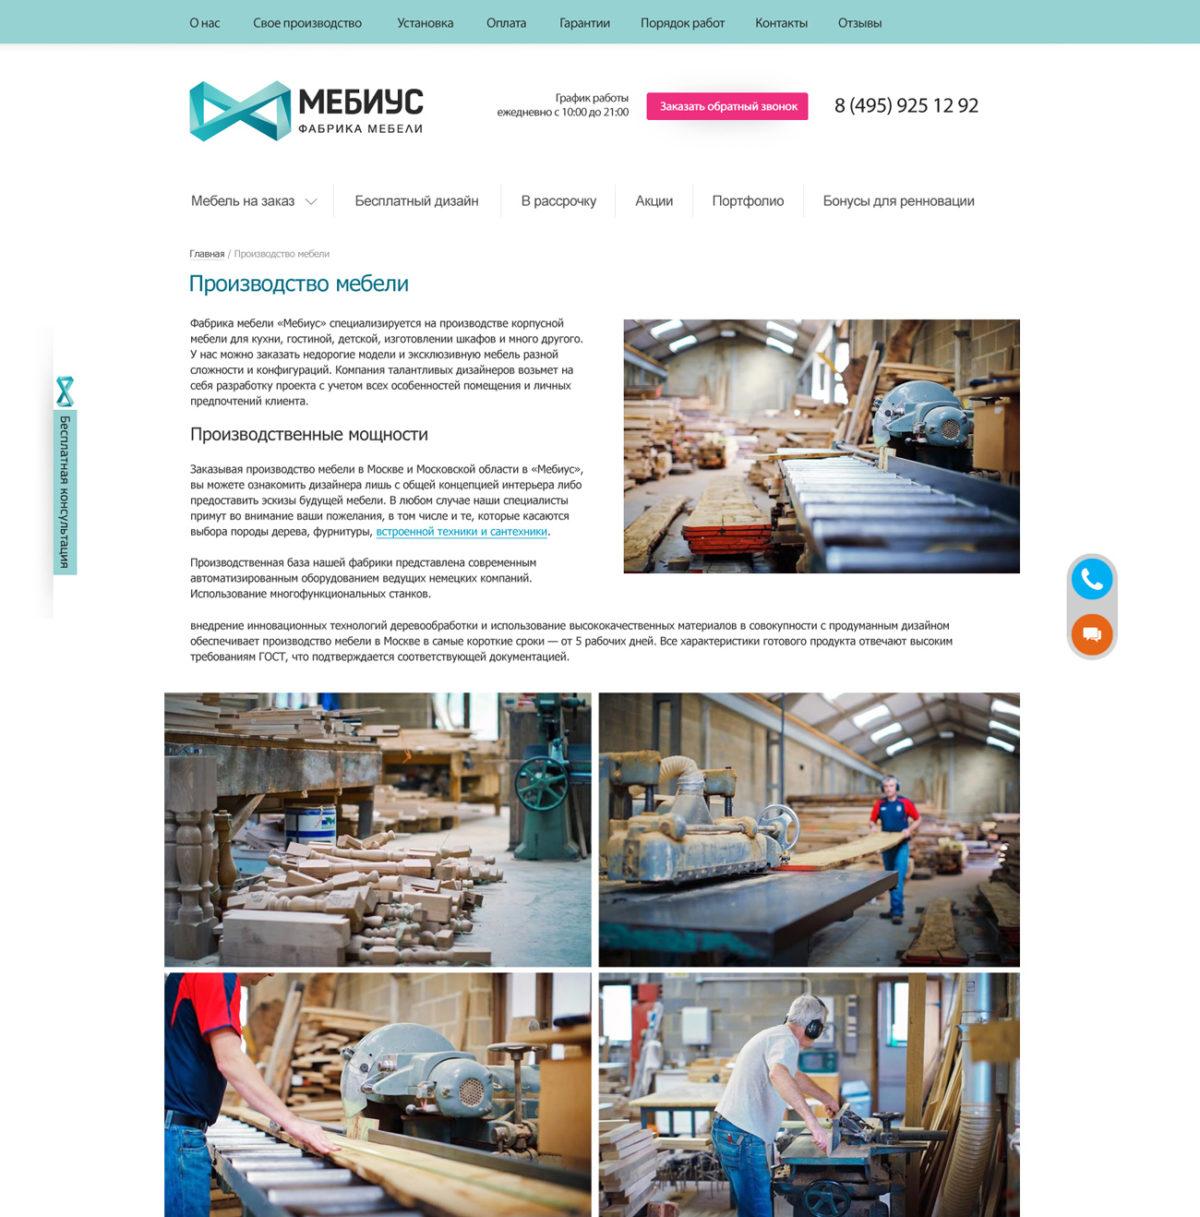 Дизайн страницы о производстве в компании, стиле мебели, тенденциях и стандартах